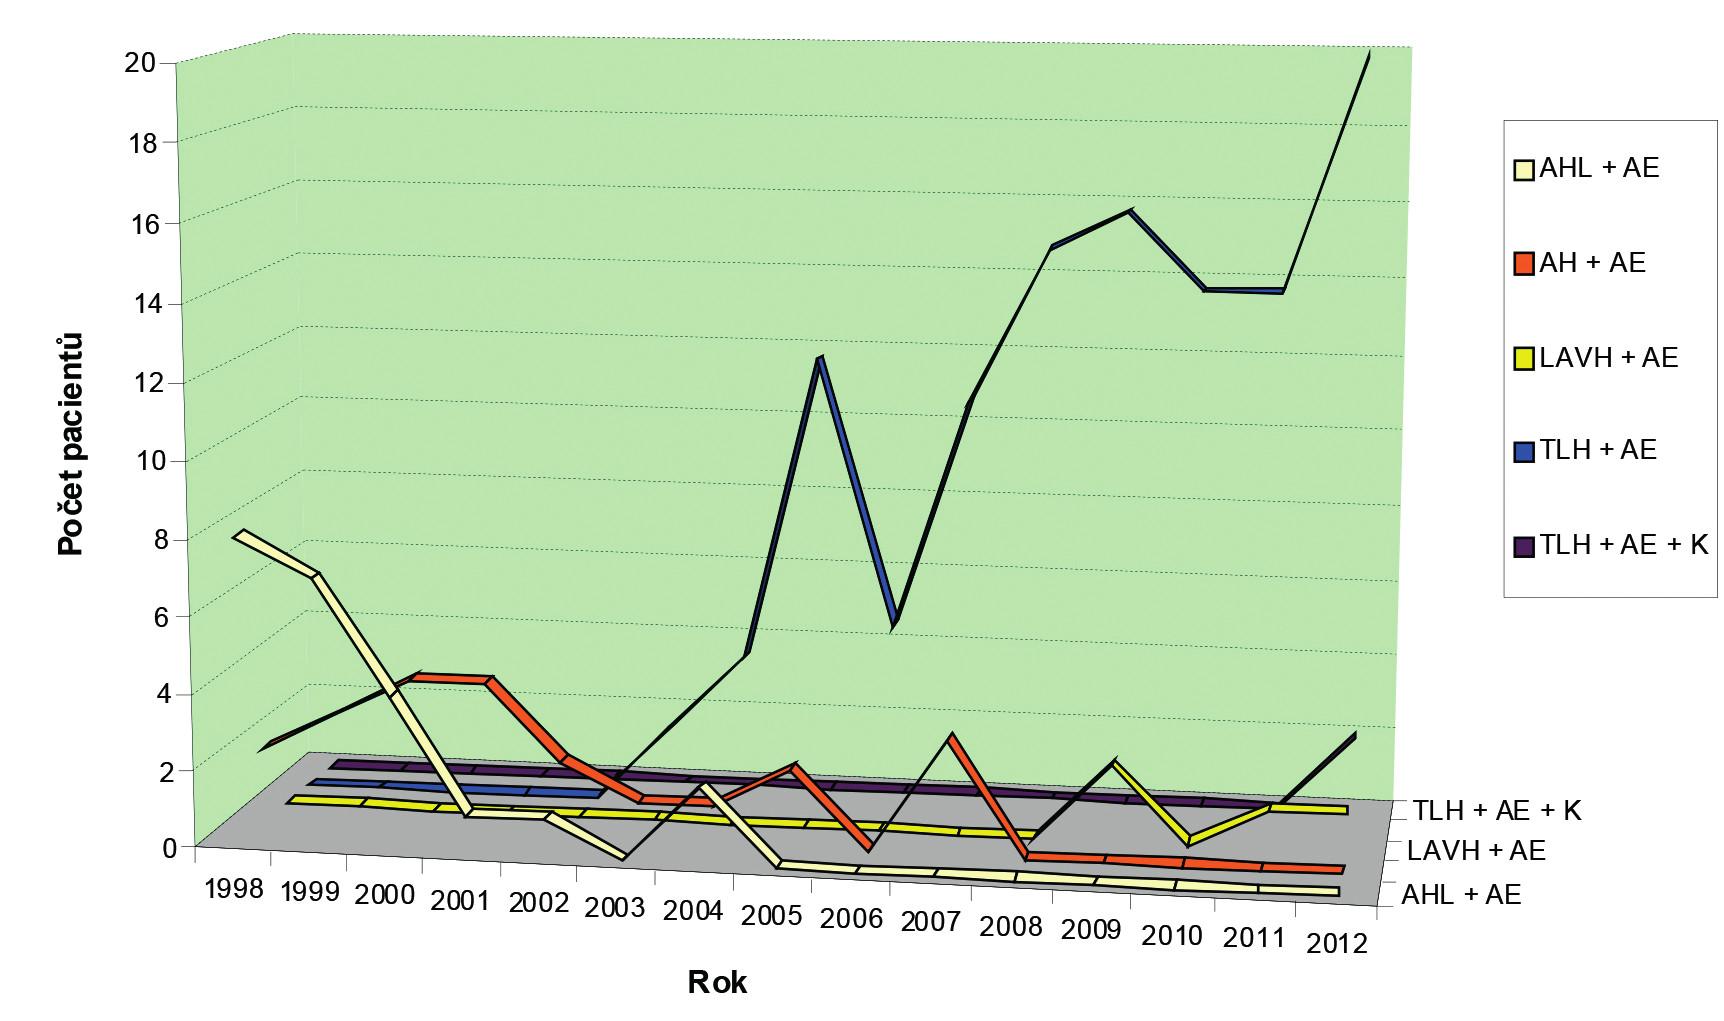 Počet hysterektomií v jednotlivých letech podle operačního přístupu